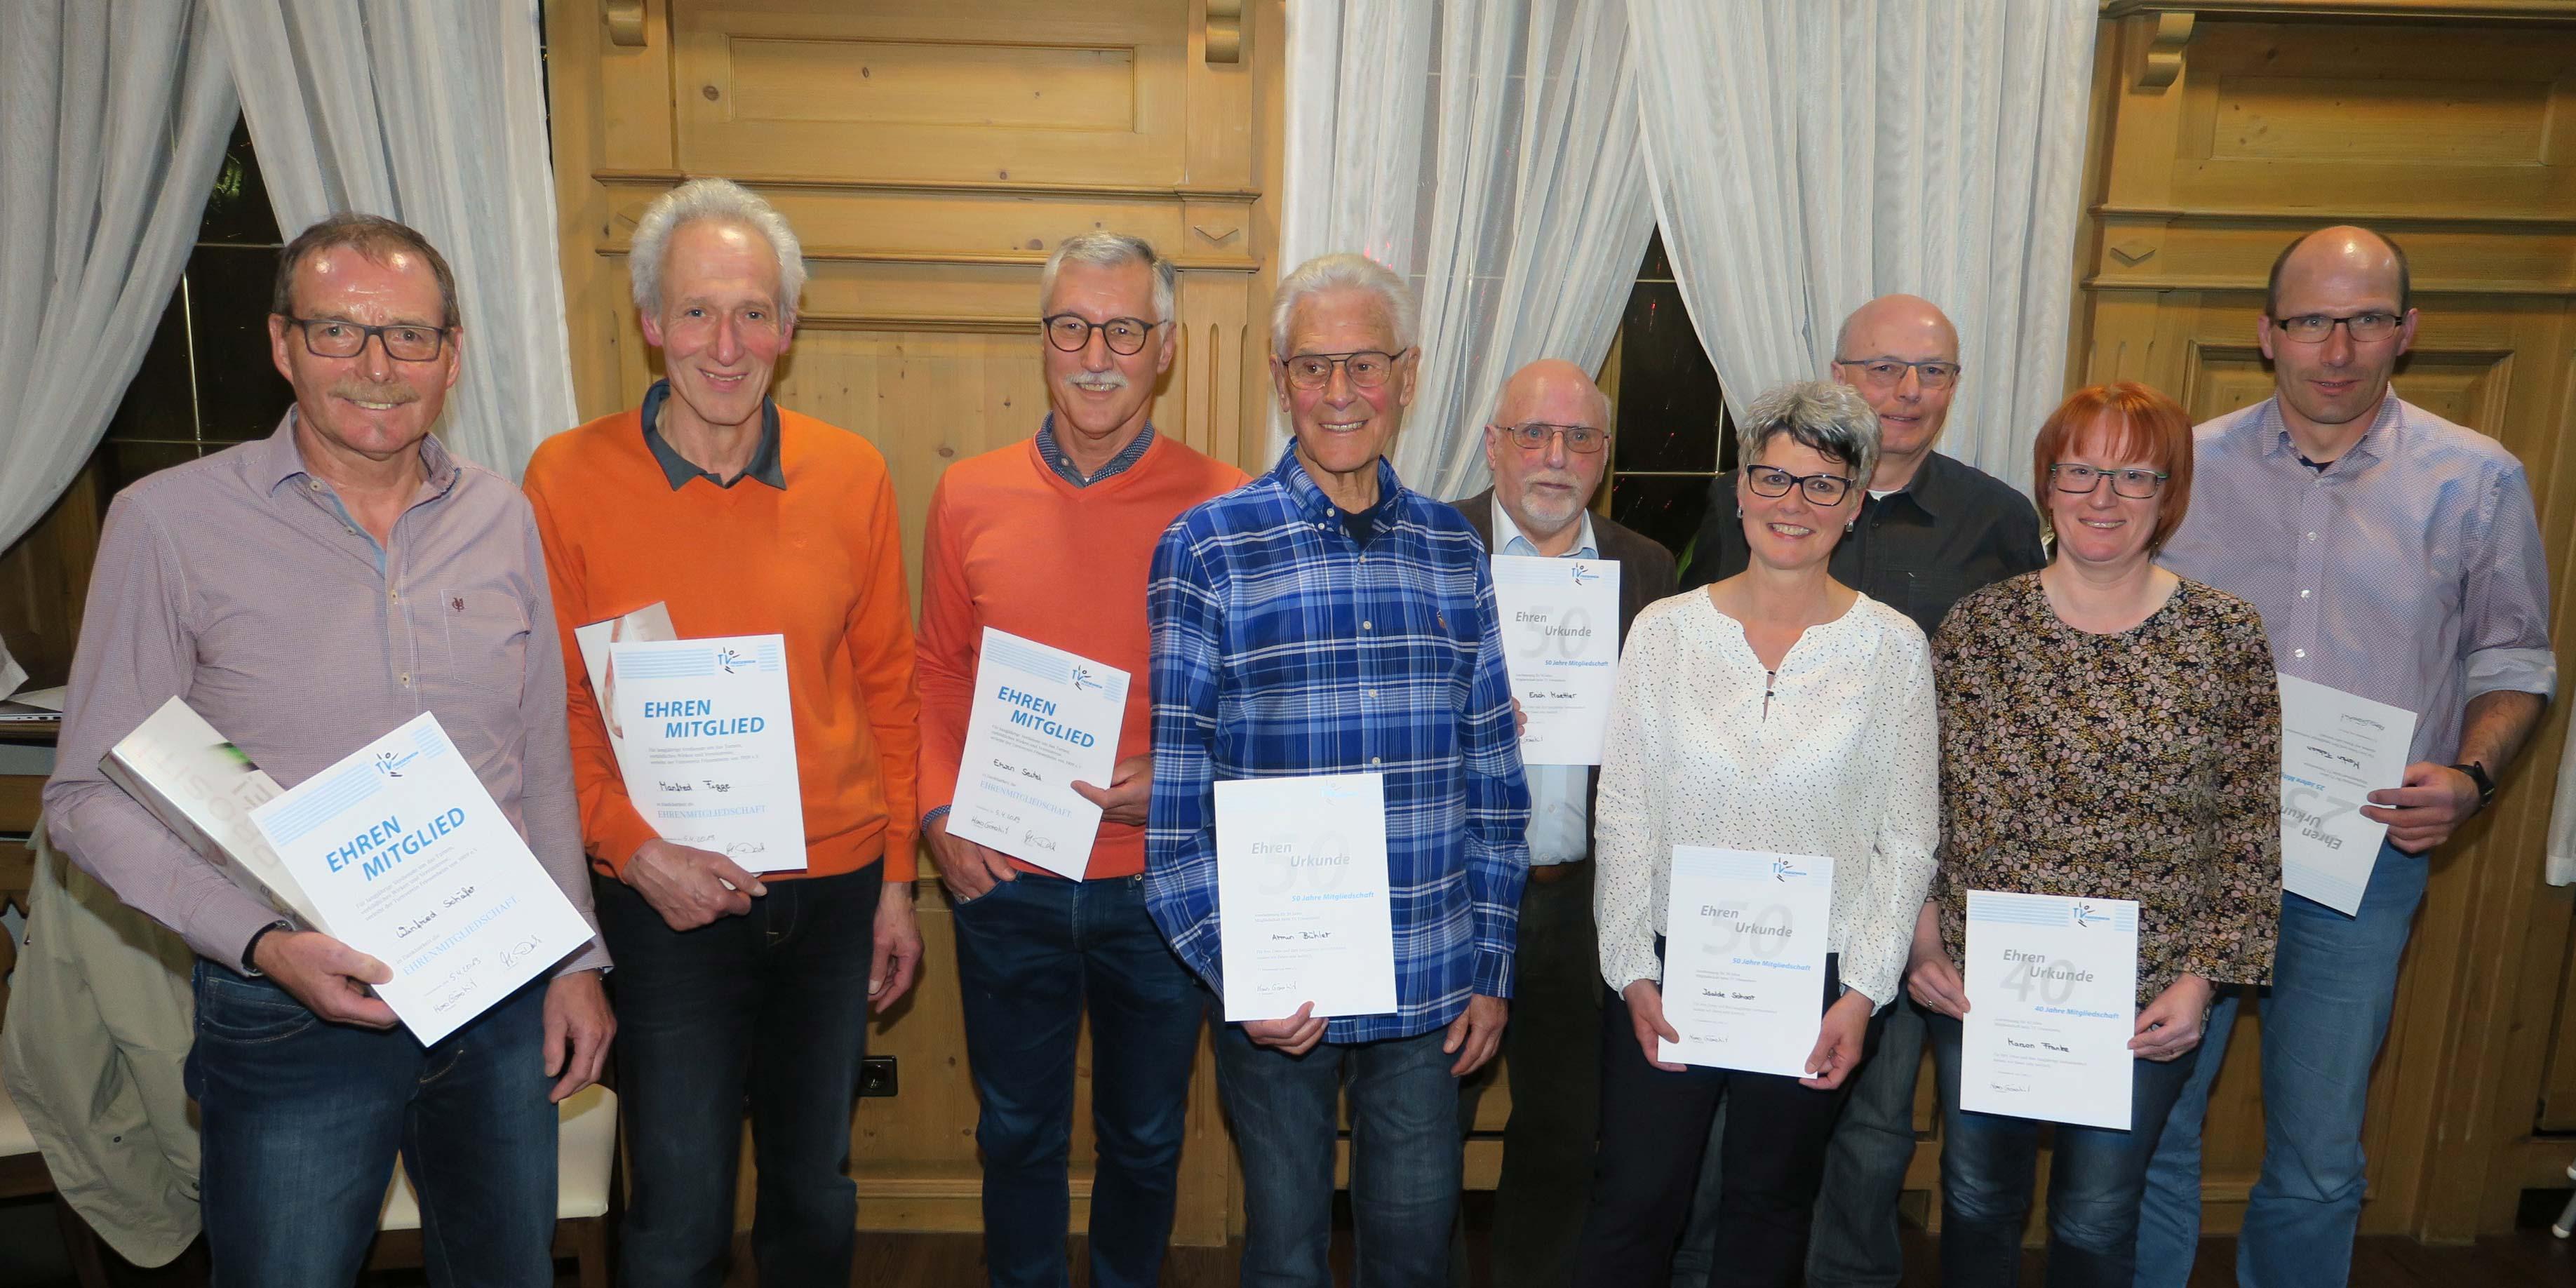 Zu Ehrenmitgliedern wurden Erwin Seitel, Winfried Schäfer und Manfred Figge ernannt. Für 50 Jahre Mitgliedschaft wurden Isolde Schoor, Erich Mättler und Armin Bühler geehrt. Marion Franke und Peter Wölfle gehören dem TV seit 40 Jahren an und Fabian Martin ist seit 25 Jahren Mitglied.